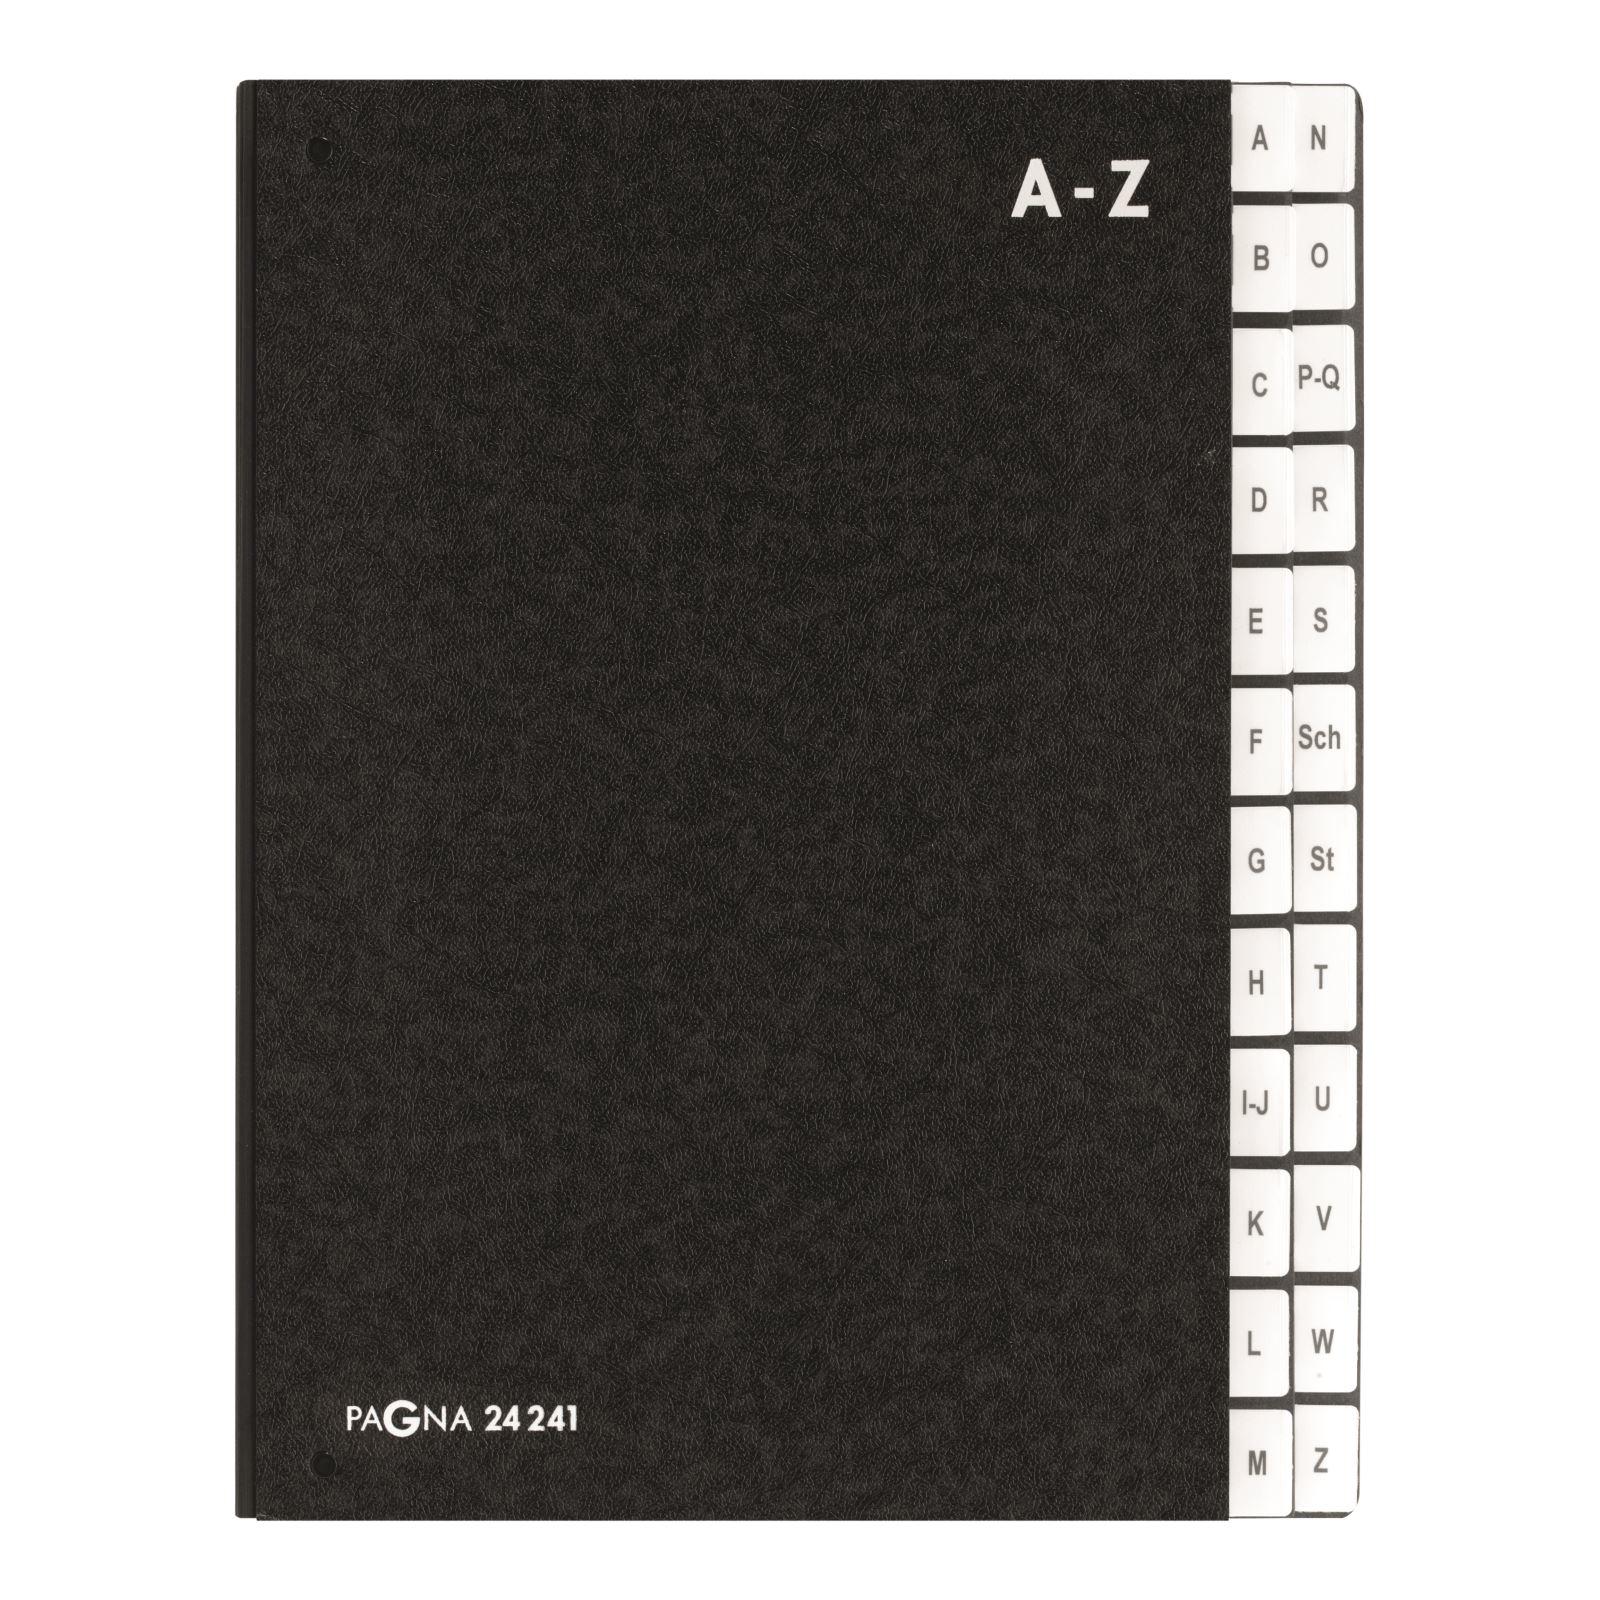 Pagna Pultordner Classic 24 Fächer - A4 - Schwarz - Porträt